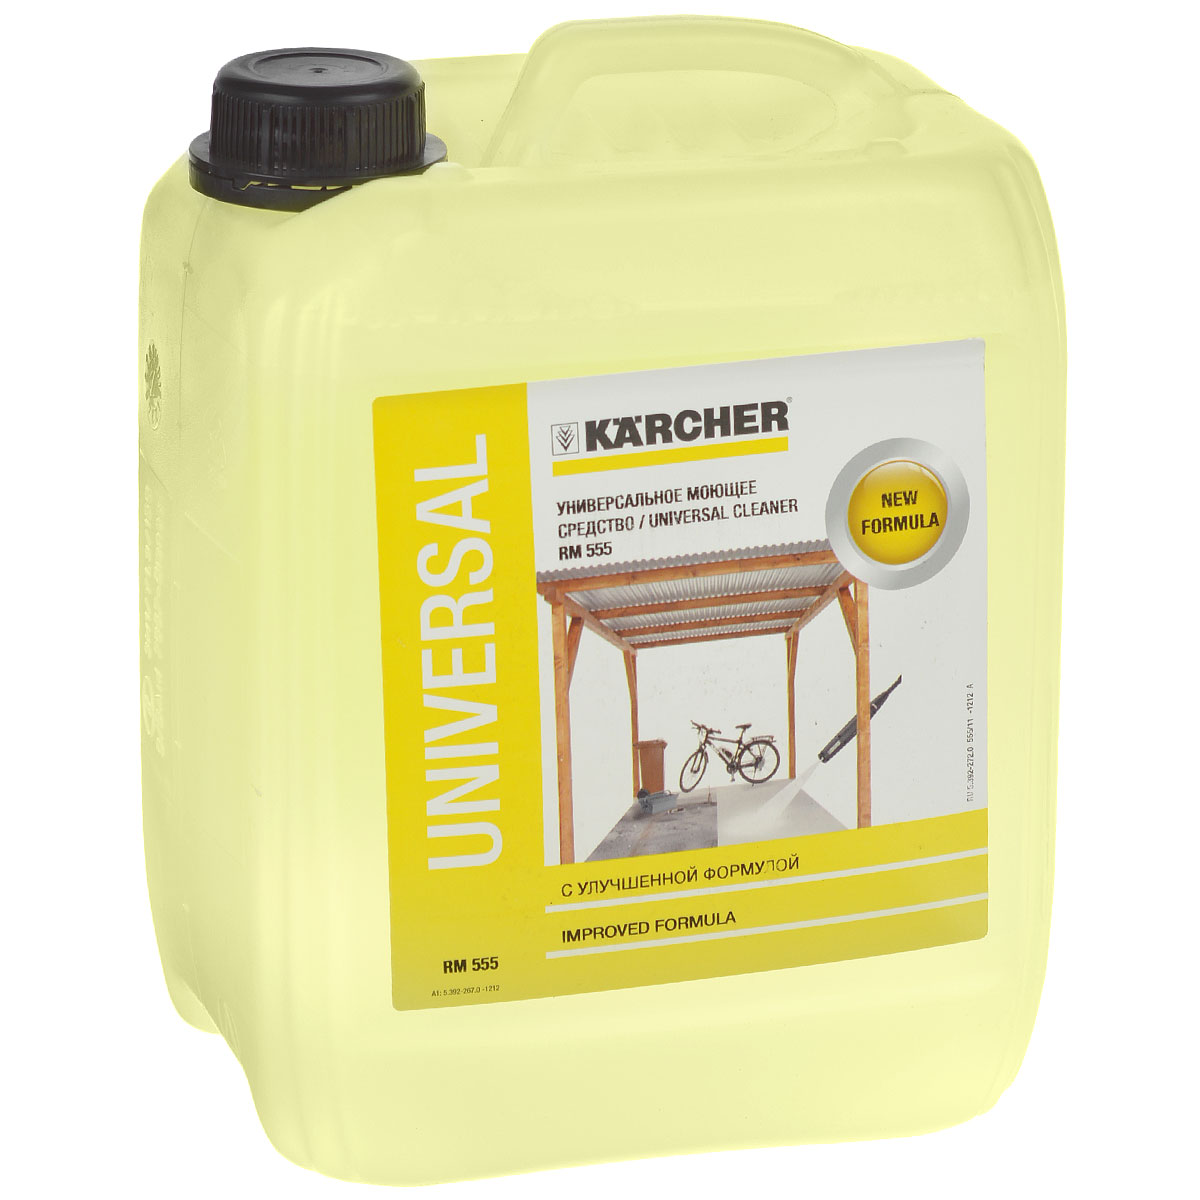 Средство моющее универсальное Karcher RM 555 Profi, 5 л 6.295-357.0RC-100BWCЭффективное универсальное моющее средство Karcher RM 555 Profi с улучшенной формулой предназначено для проведения обработки с использованием всех высоконапорных моющих аппаратов фирмы Karcher. Без труда удаляет следы масла, жиров и минеральные загрязнения со всех водостойких поверхностей, например, каменных и деревянных террас, пластиковой мебели, лакированных поверхностей автомобилей и т.д. Применяется повсеместно в домашнем хозяйстве, садах и автомобилях. Karcher RM 555 Profi легко подвергается биологическому разложению, pH-нейтральное, не содержит фосфатов и опасных компонентов.Состав: <5% анионные тензиды, неионные тензиды, ароматизаторы, консервант, метилхлоризотиазолинон, красители.